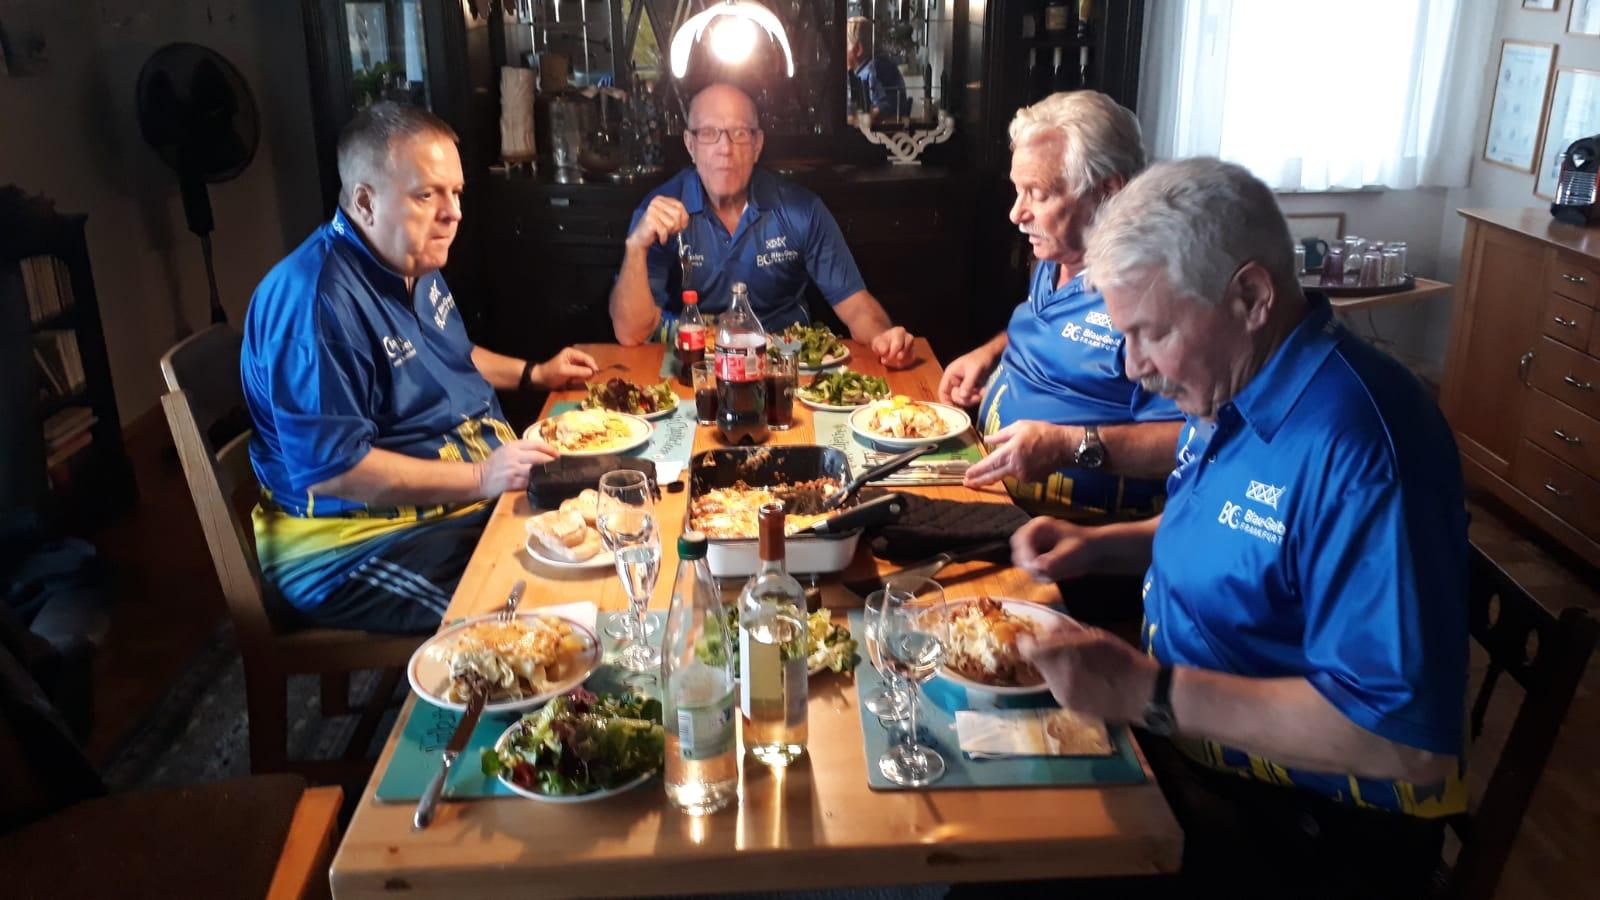 4. Ligastart - Essen bei Volker